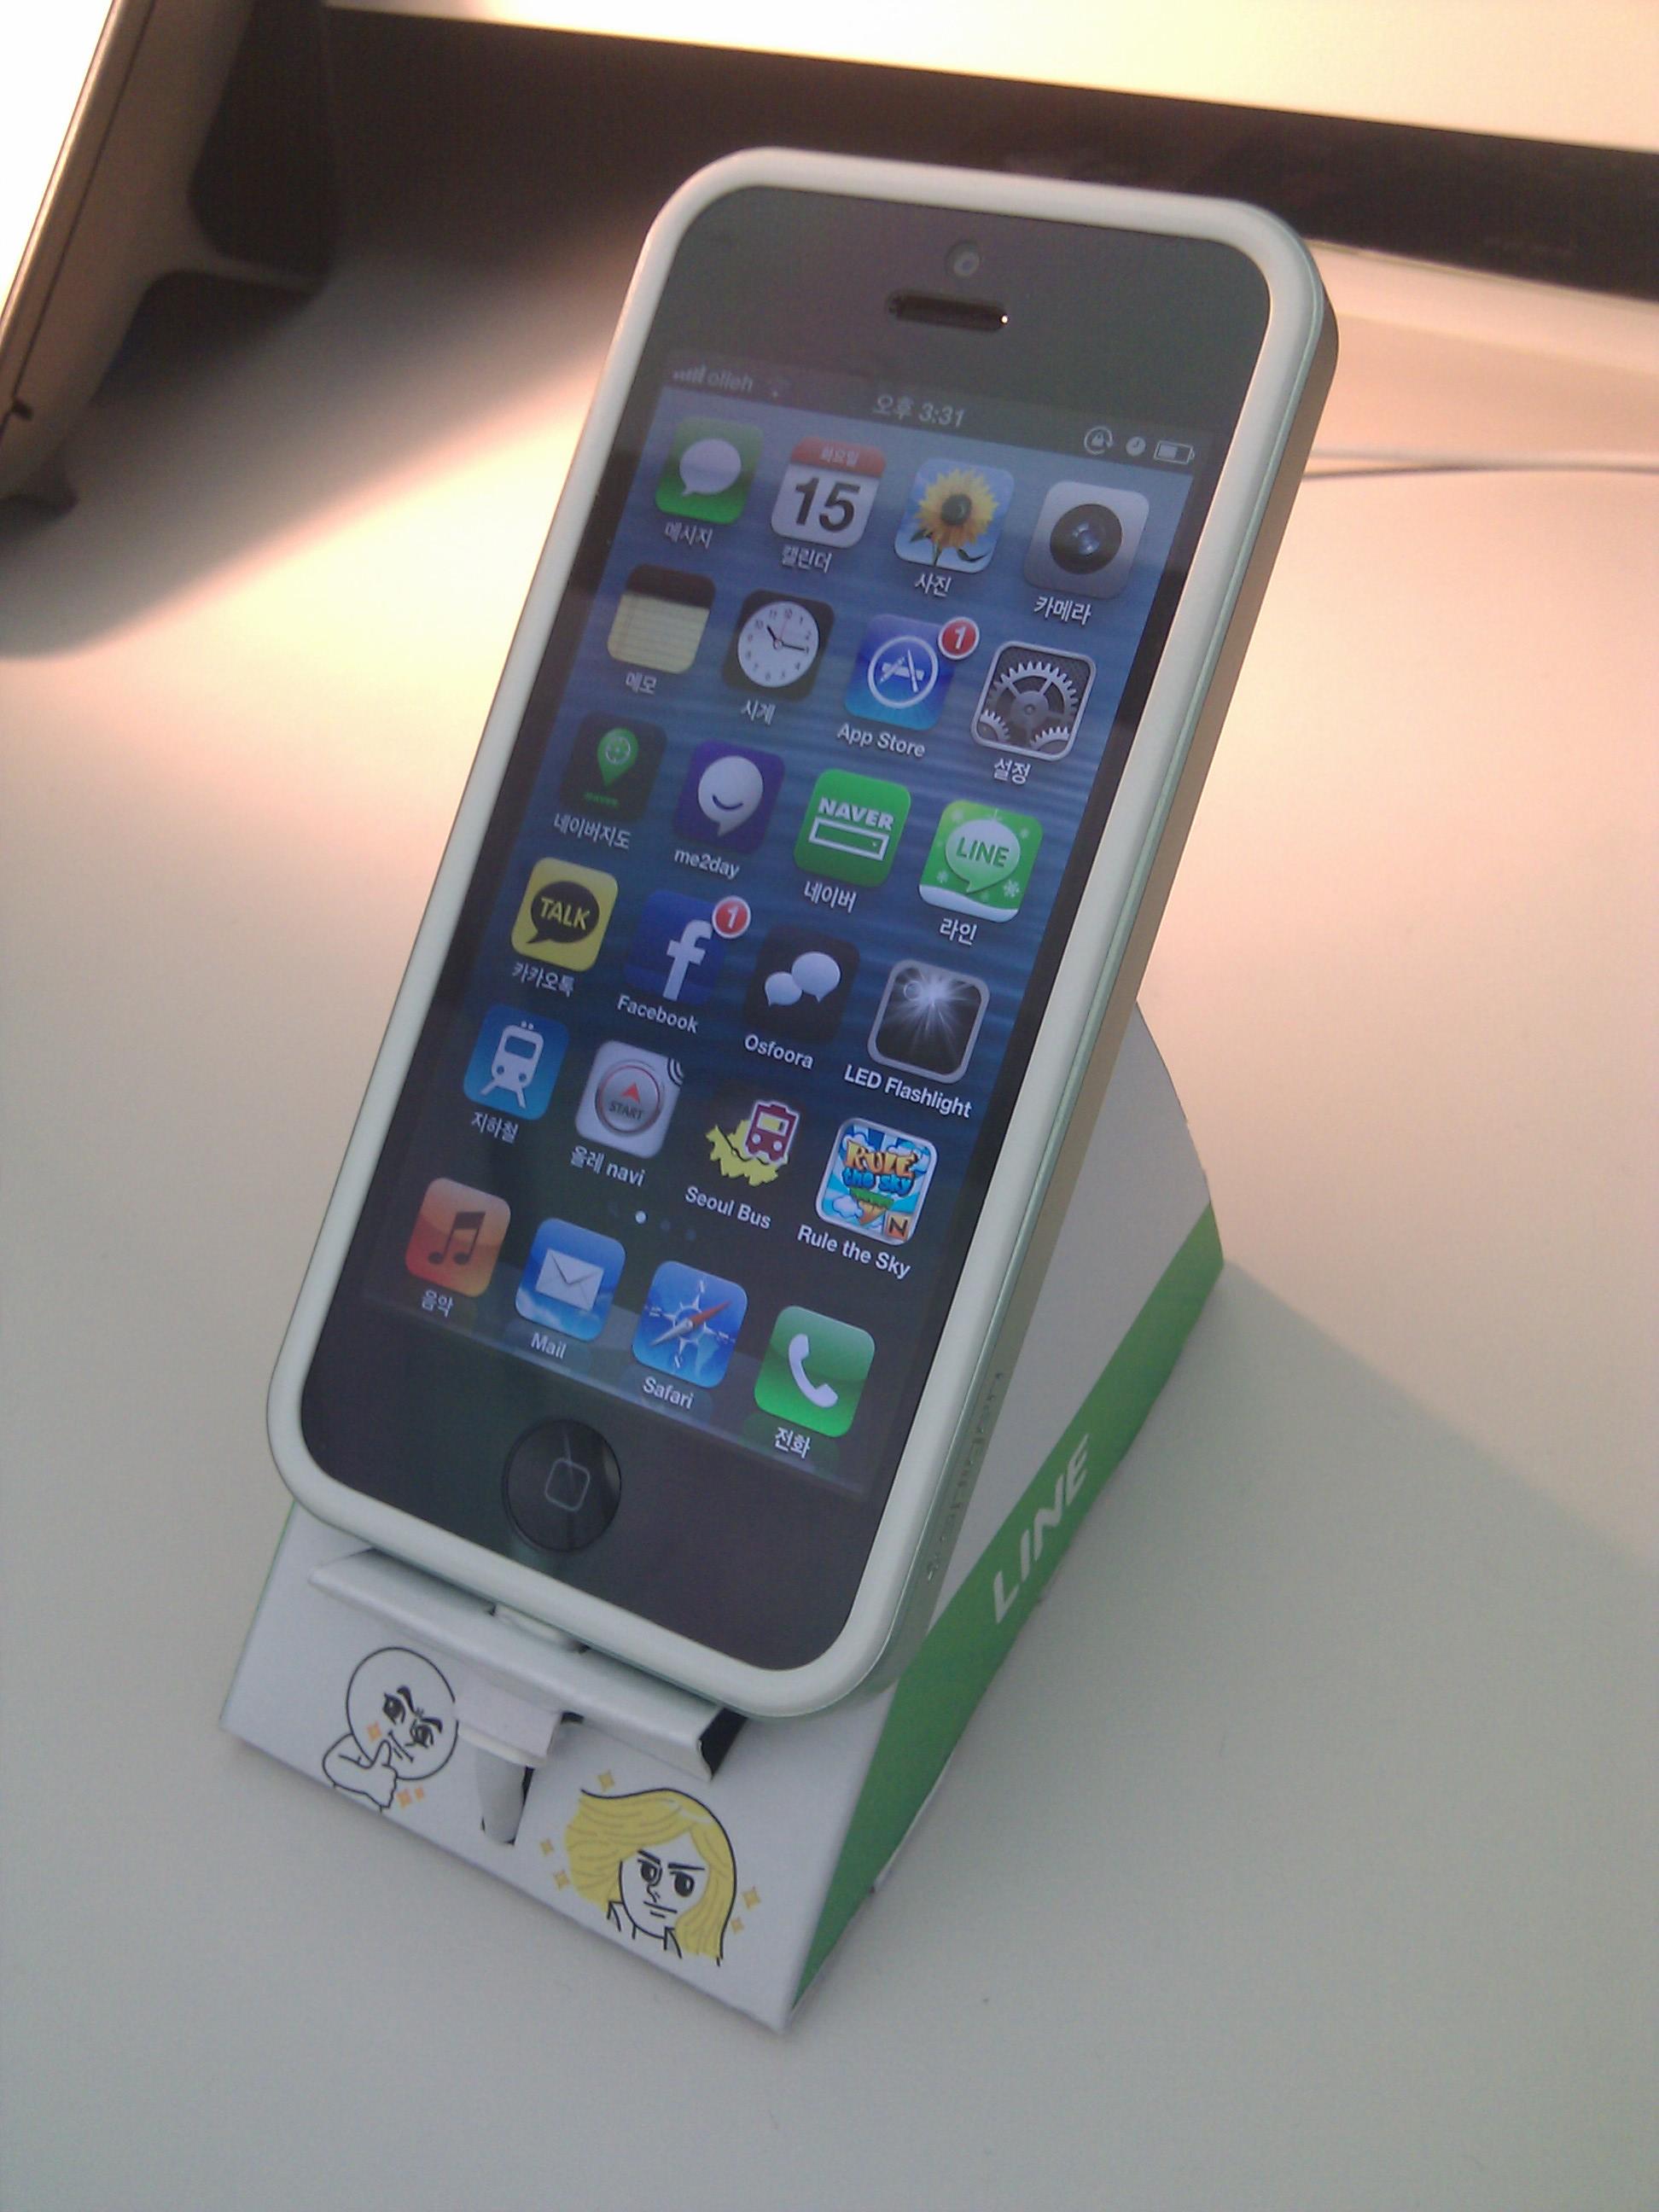 종이 스마트폰 거치대 Ver 2.0 - for 아이폰5, 4s, 4, 안드로이드